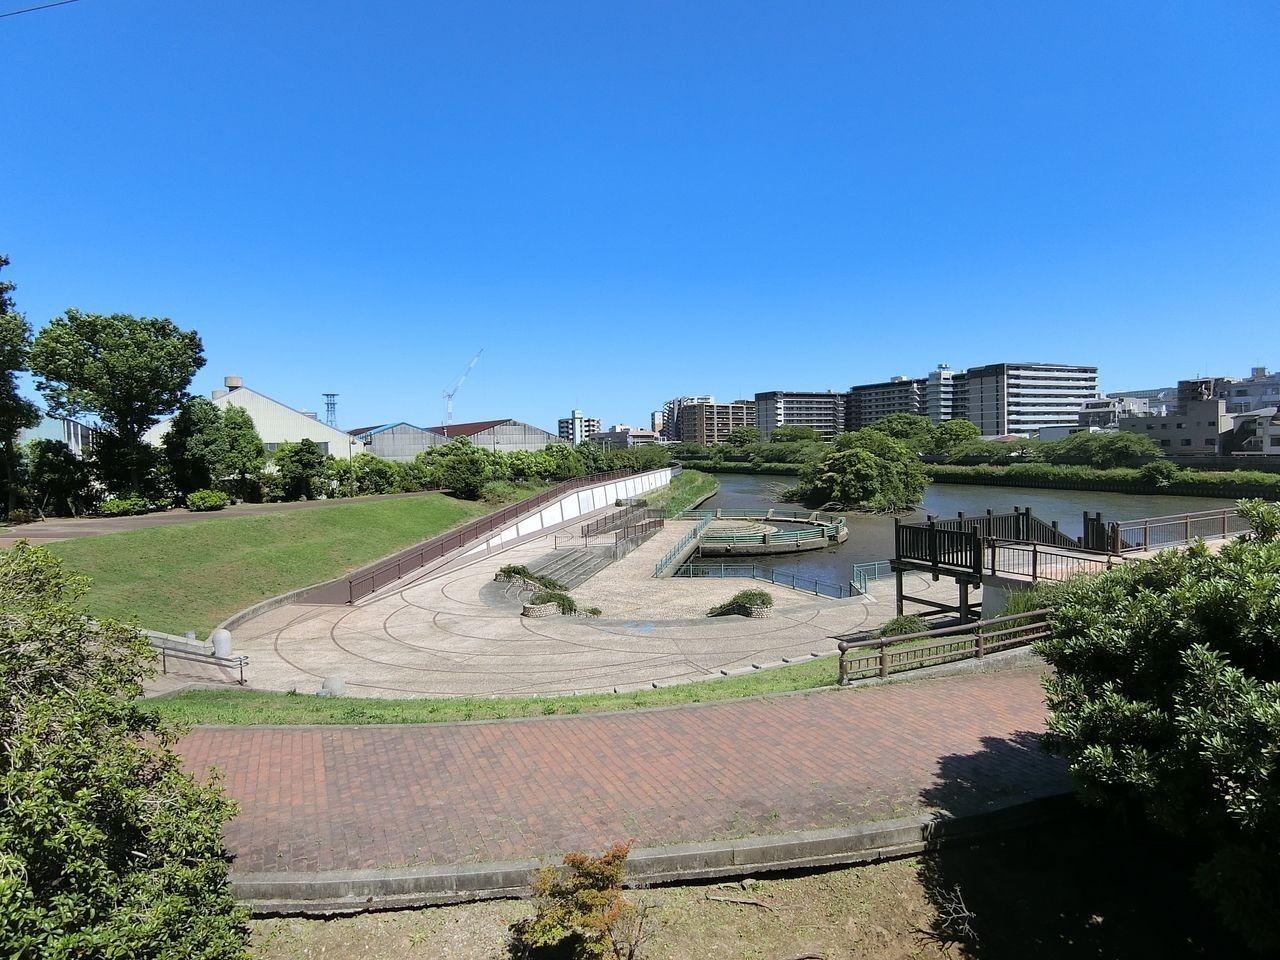 舟渡水辺公園(ふなどみずべこうえん)